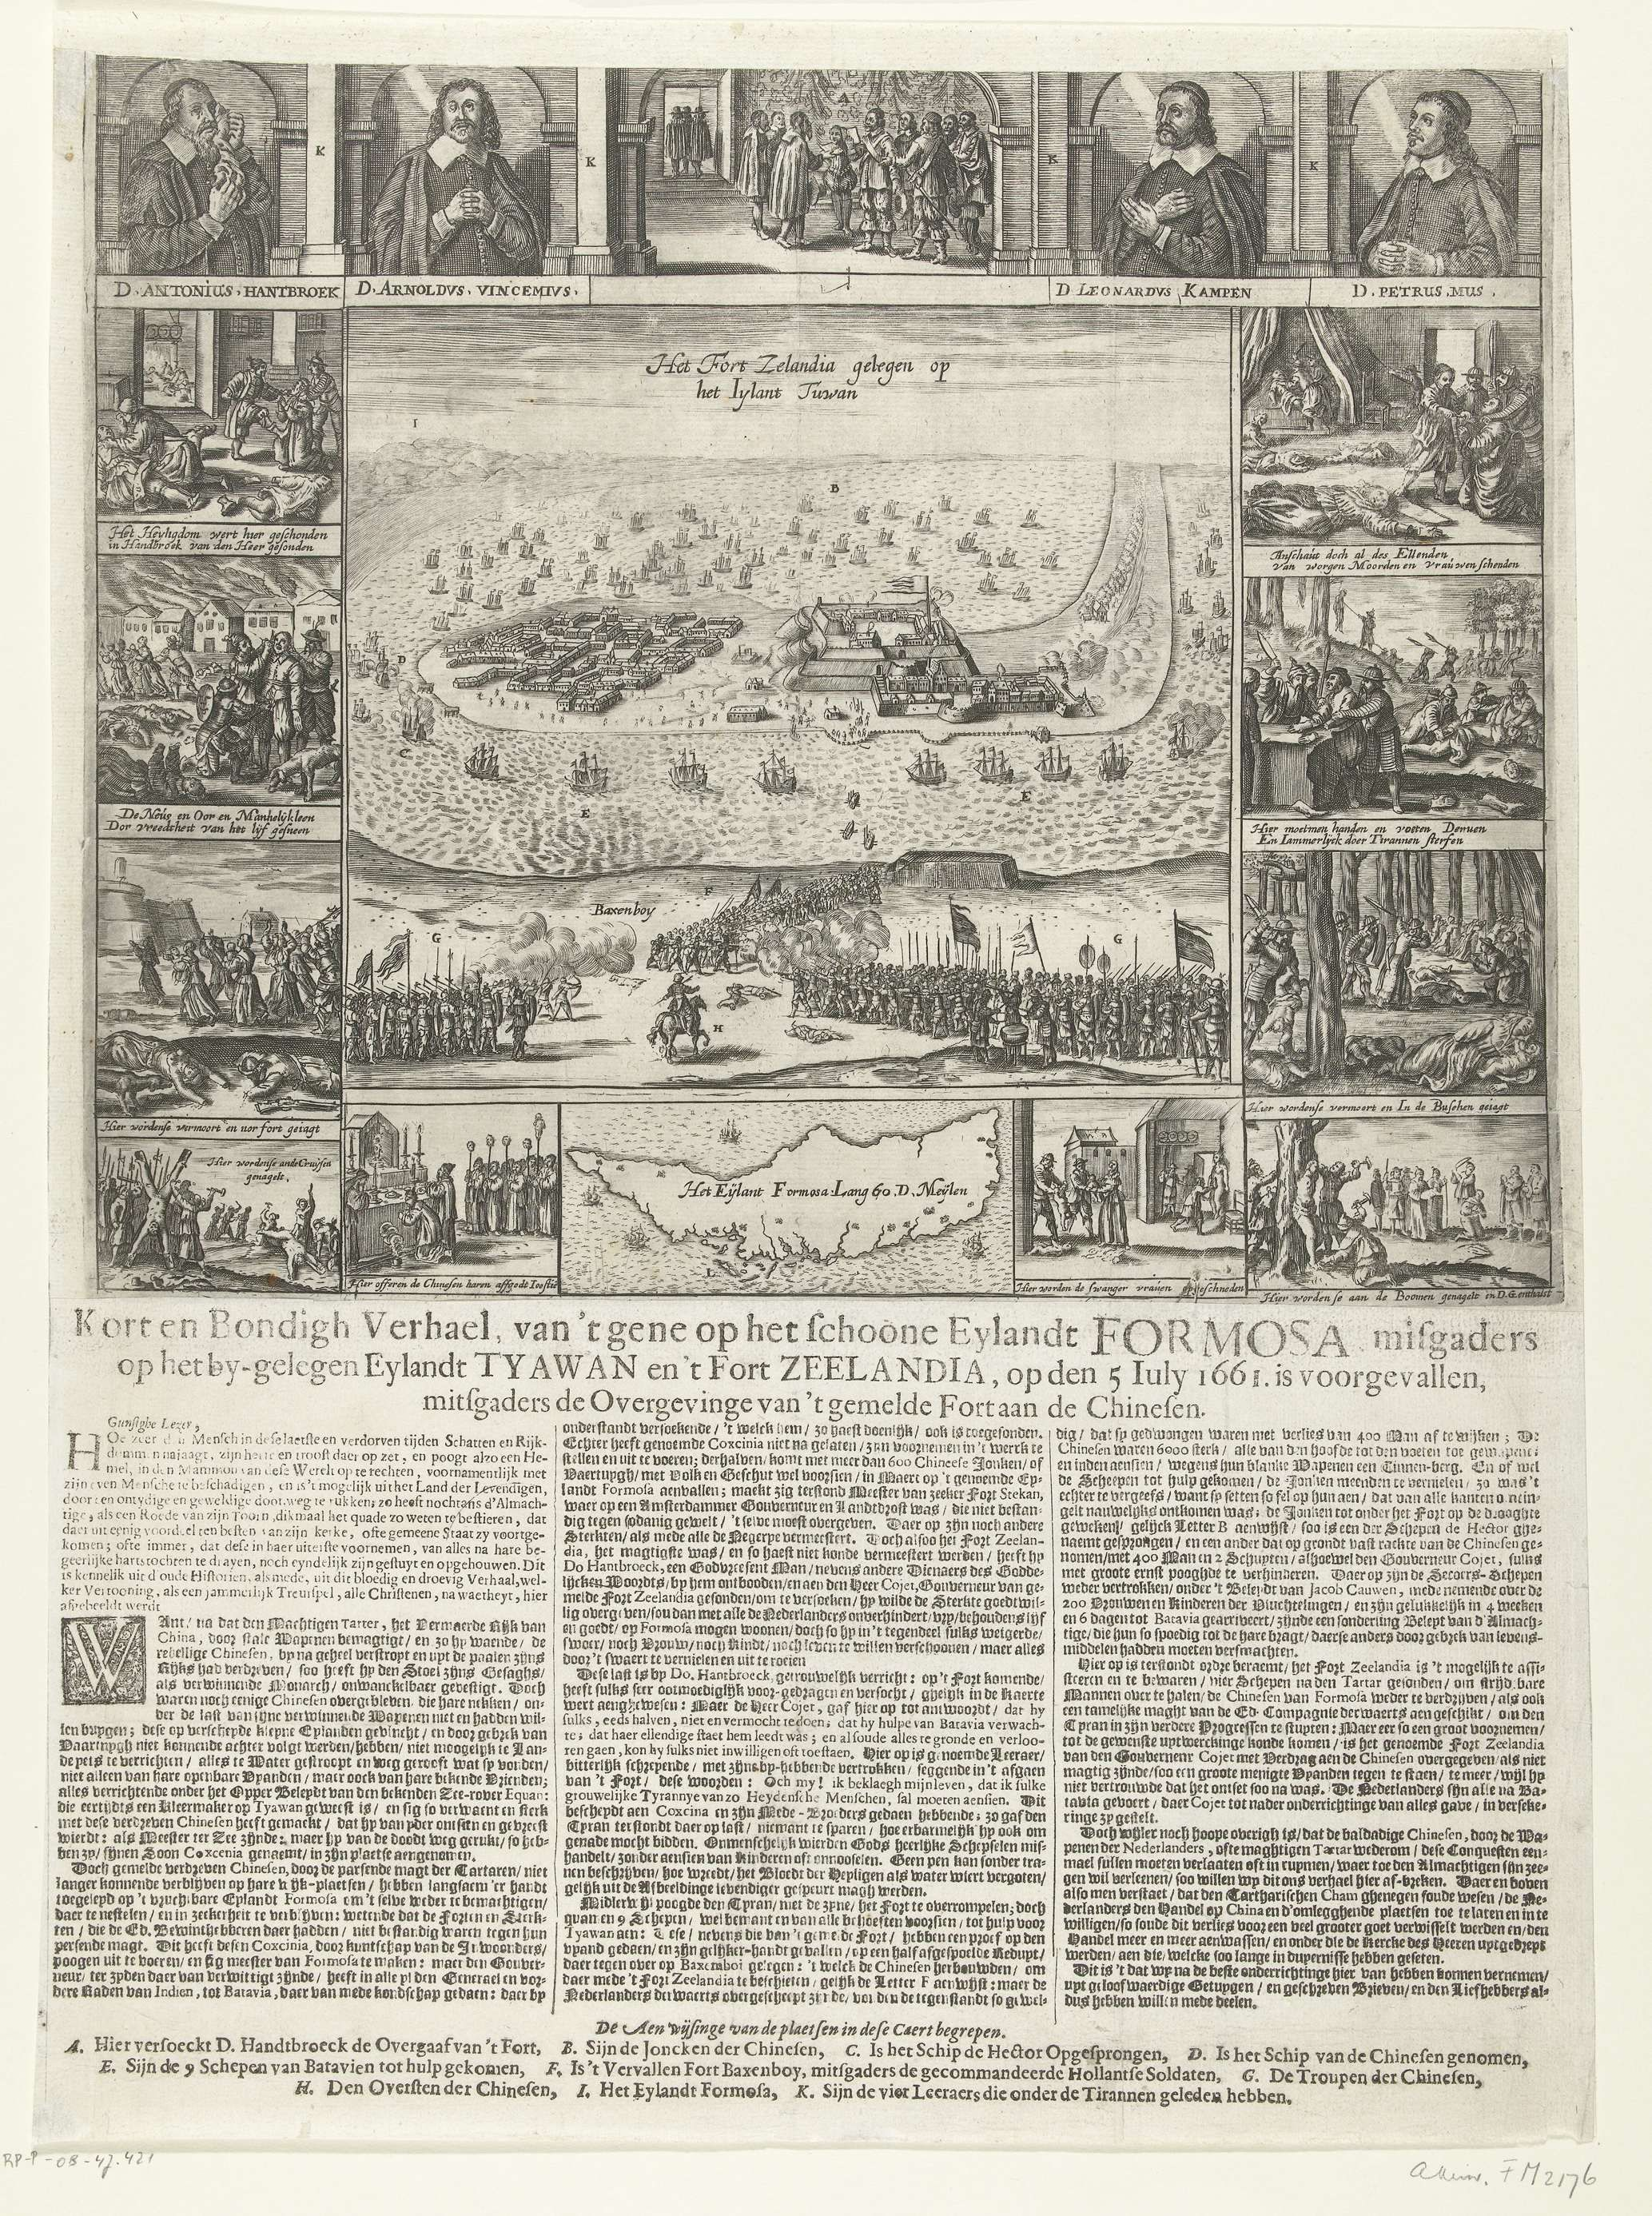 Verovering van Fort Zeelandia op Formosa door de Chinezen en de marteling en moord op de gereformeerde predikanten, 1661, Crispijn van de Passe (II) (toegeschreven aan), 1662 - 1663